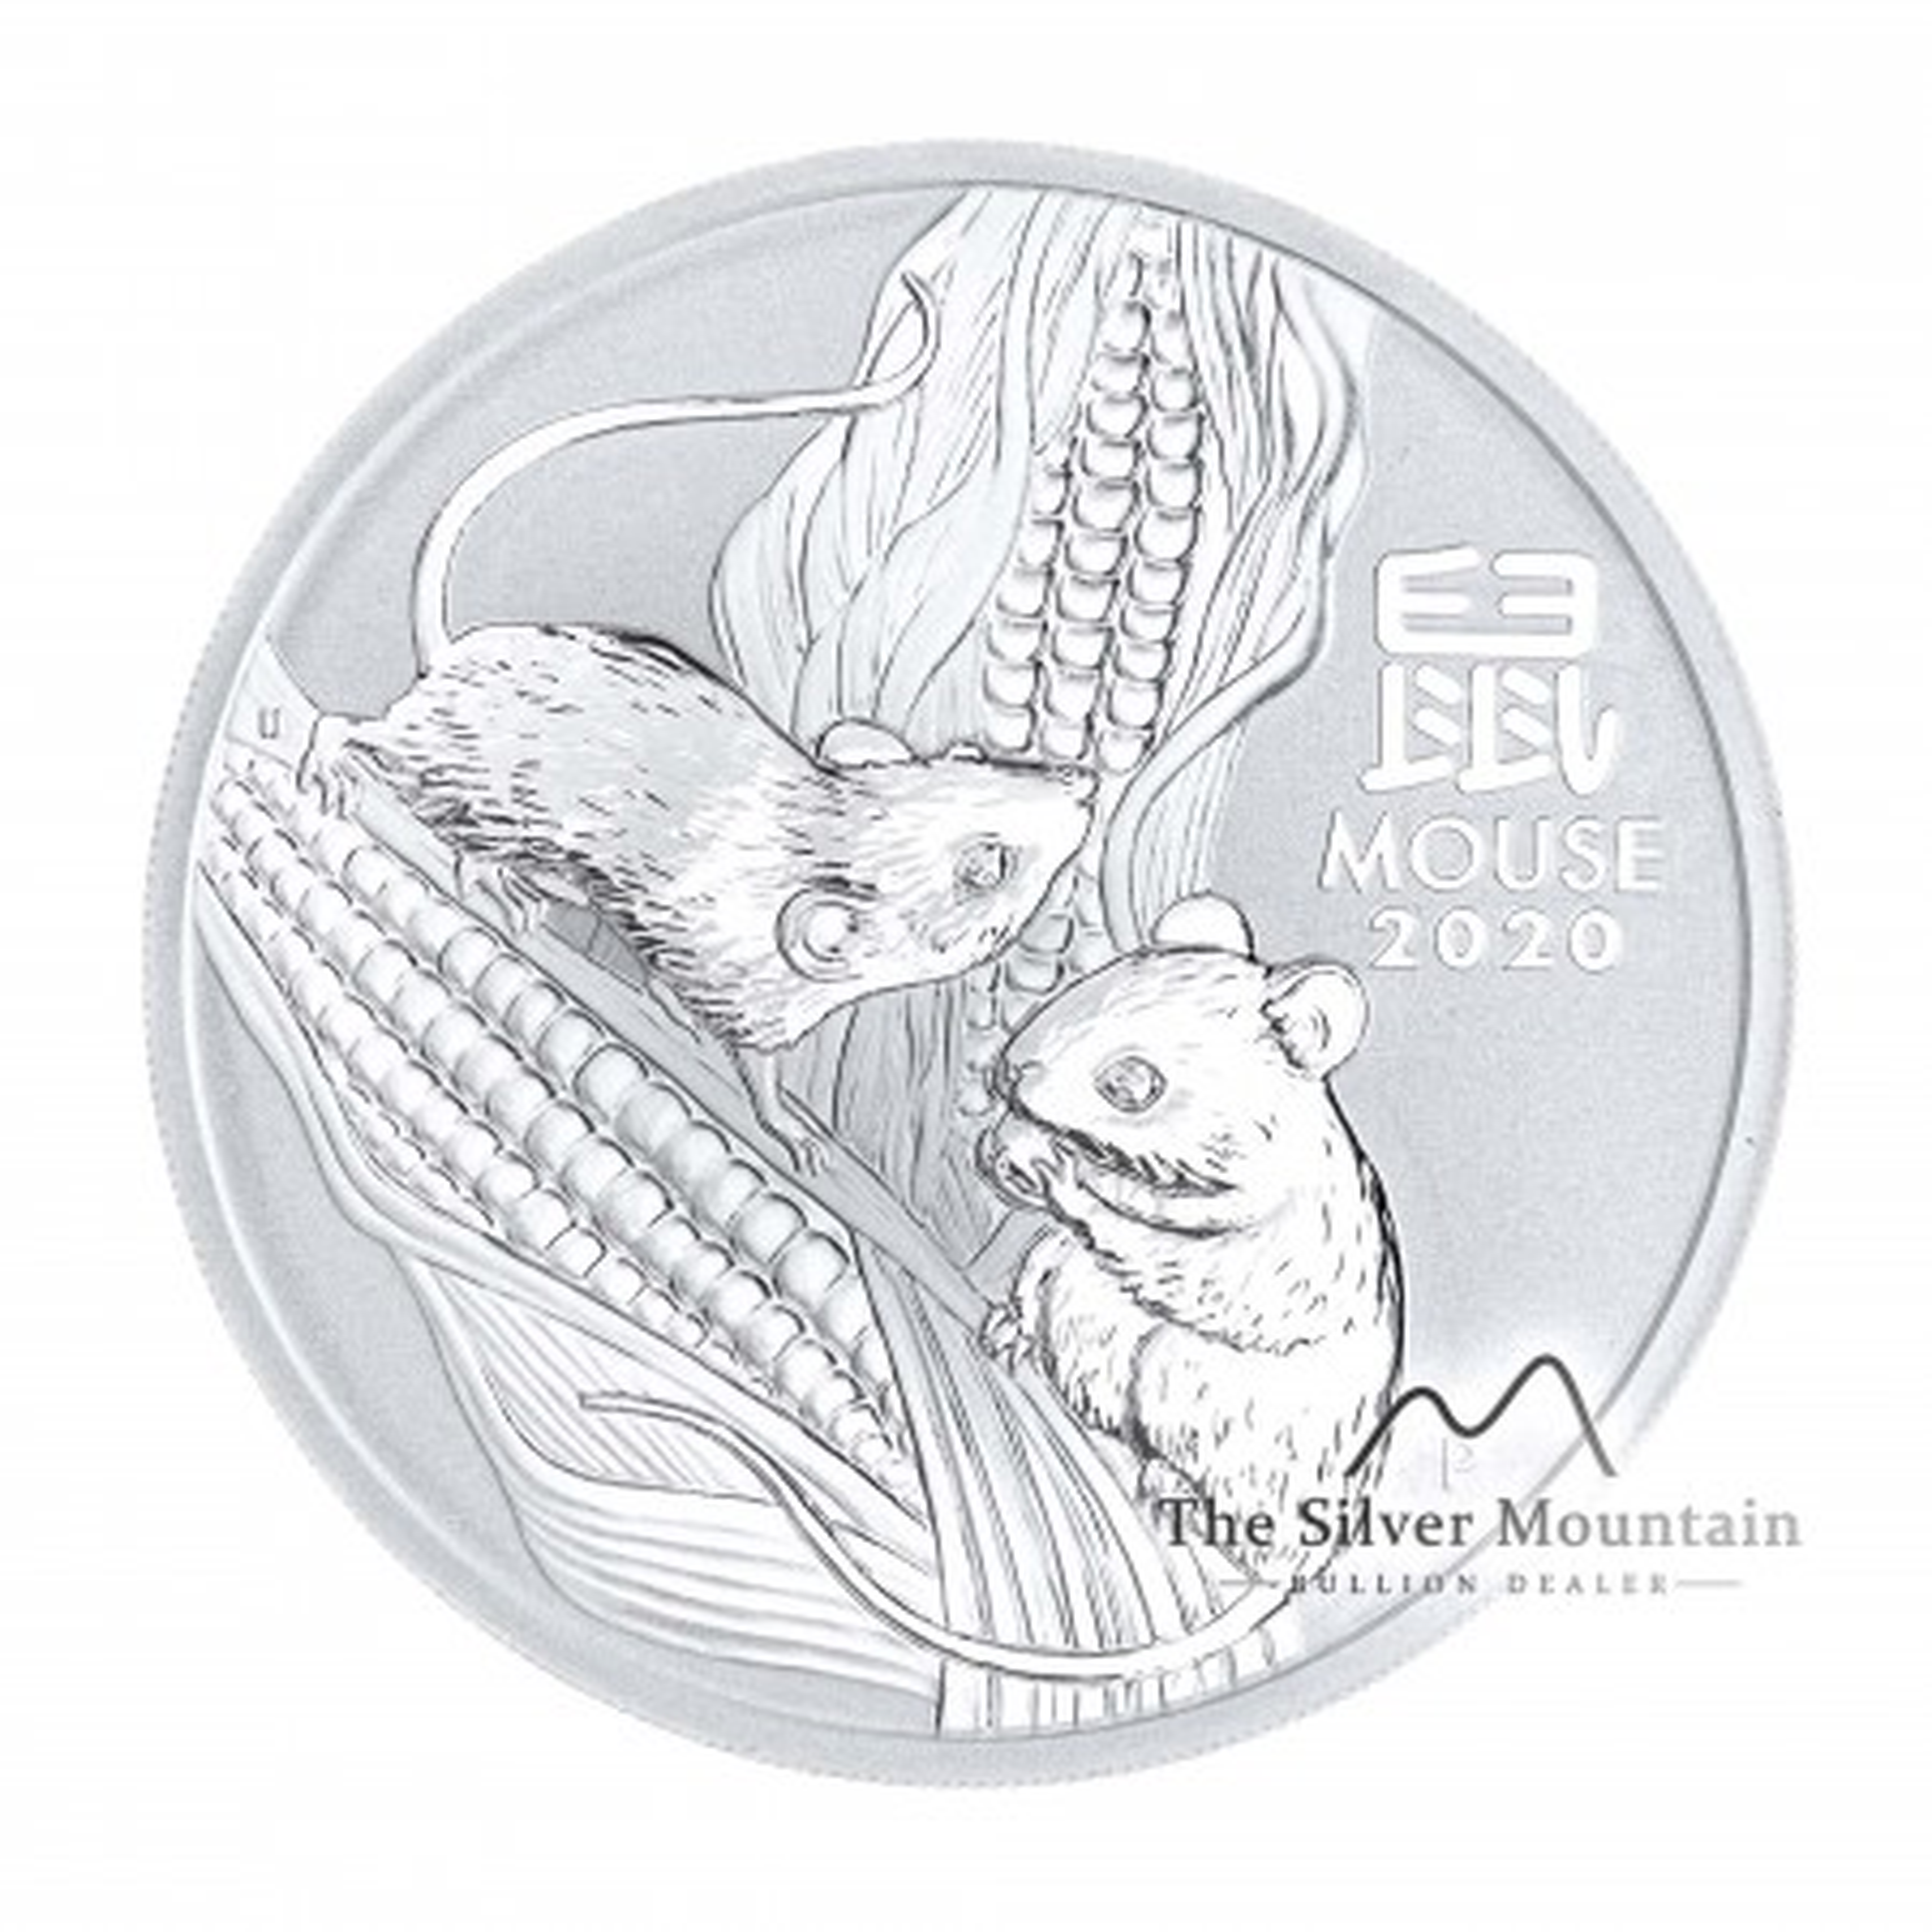 Zilveren Lunar munt jaar van de muis - 5 troy ounce 2020 - Lunar III serie